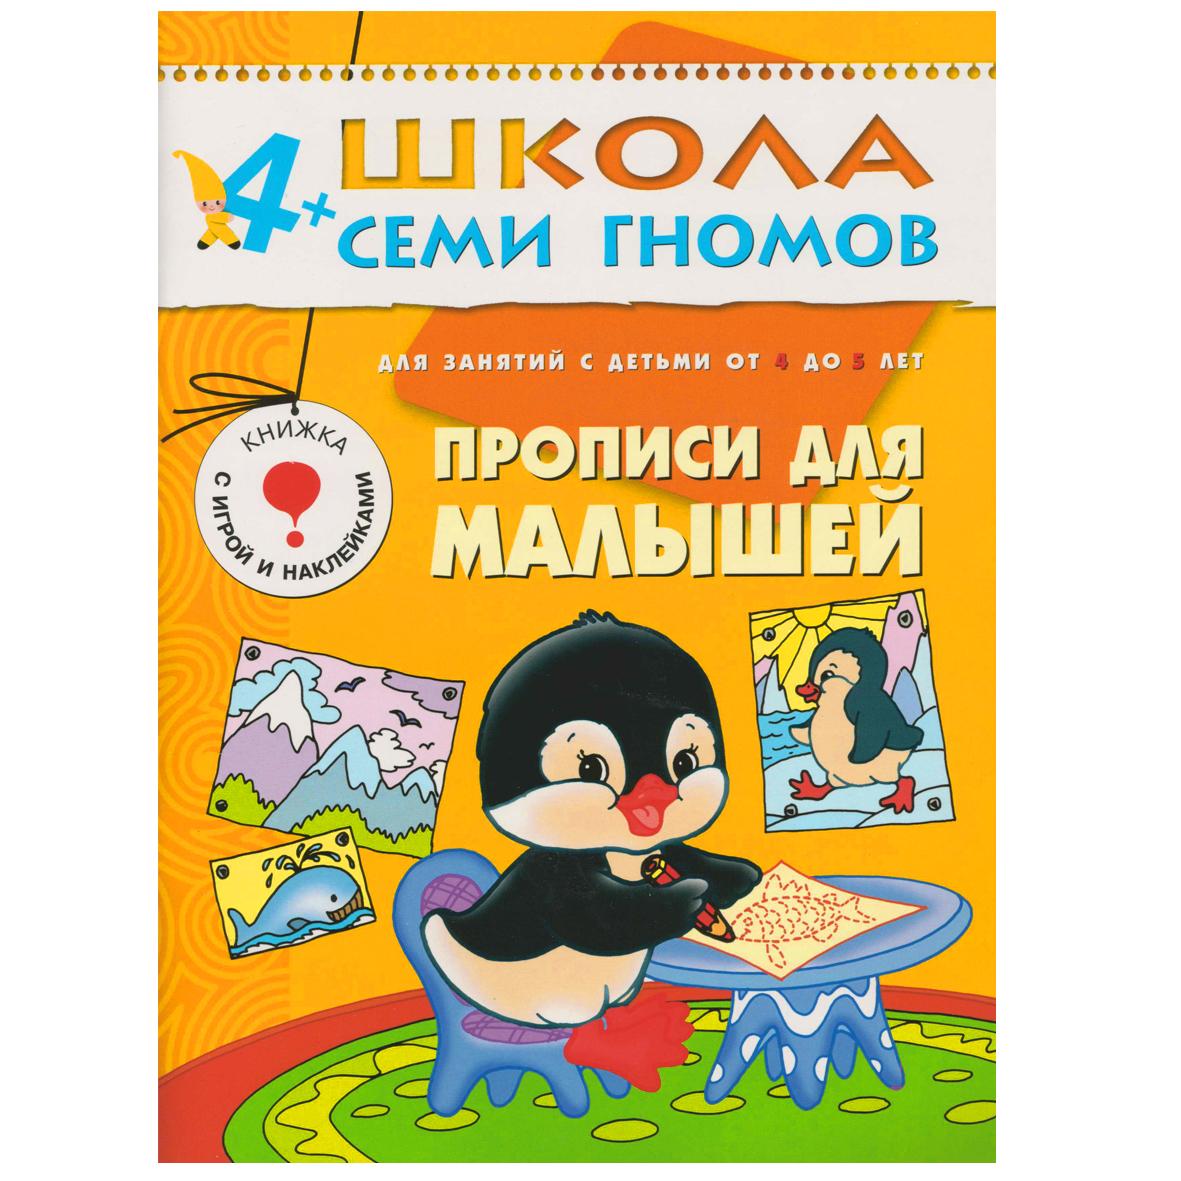 Прописи для малышей: Для занятий с детьми от 4 до 5 лет